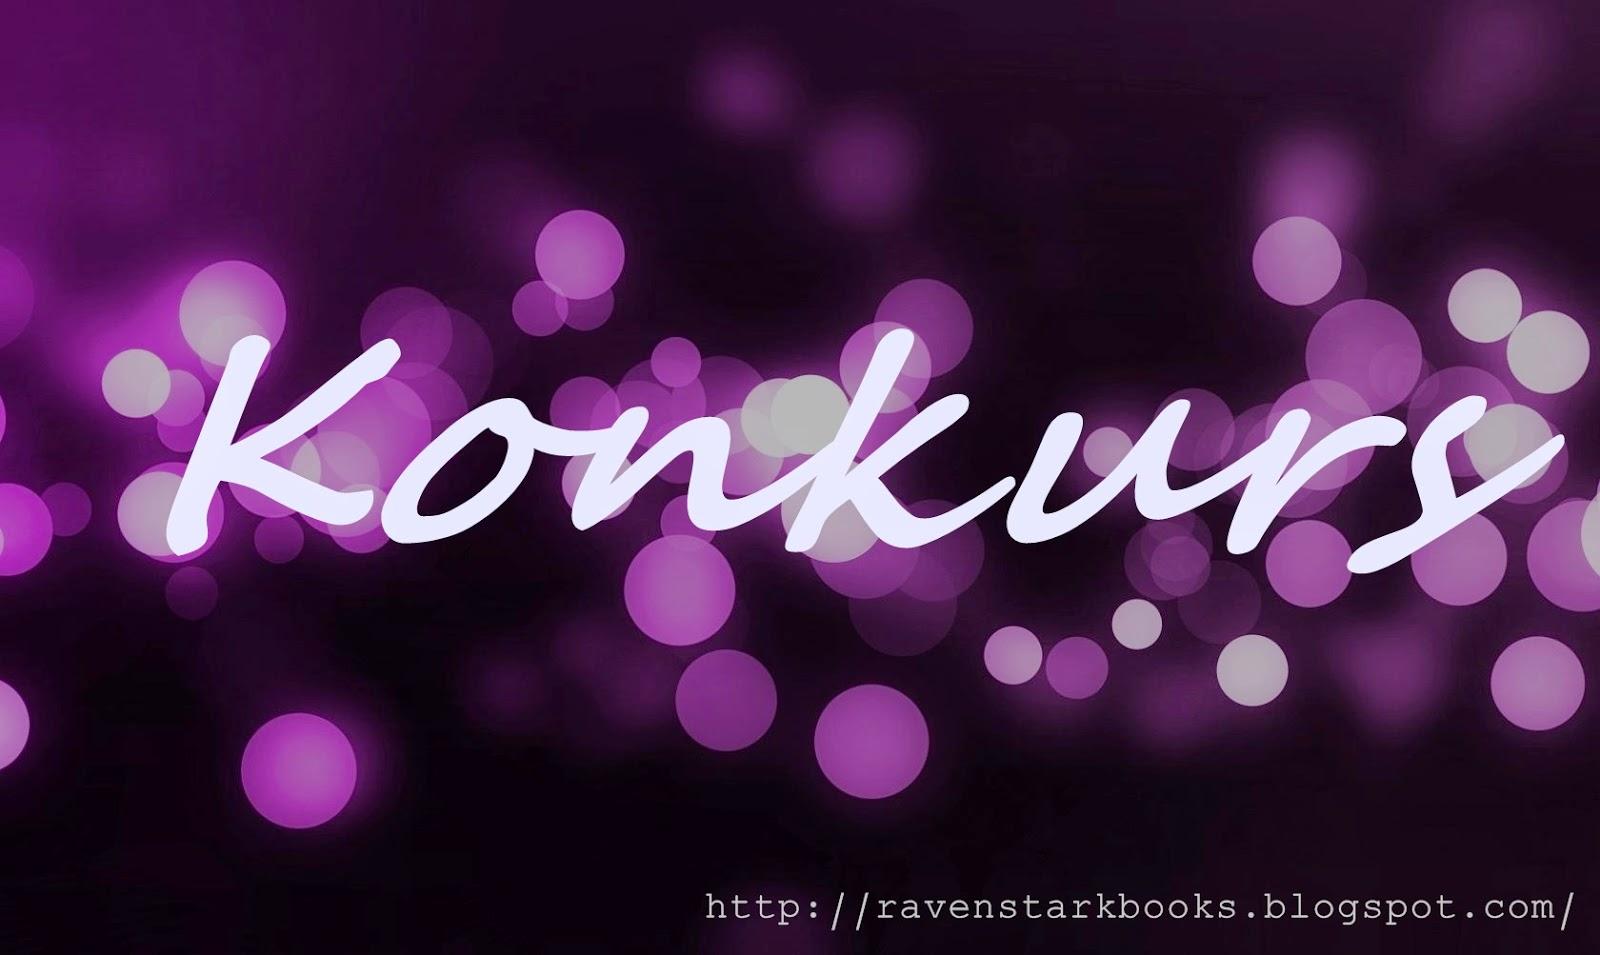 http://ravenstarkbooks.blogspot.com/2014/11/chleba-i-igrzysk-konkurs_12.html